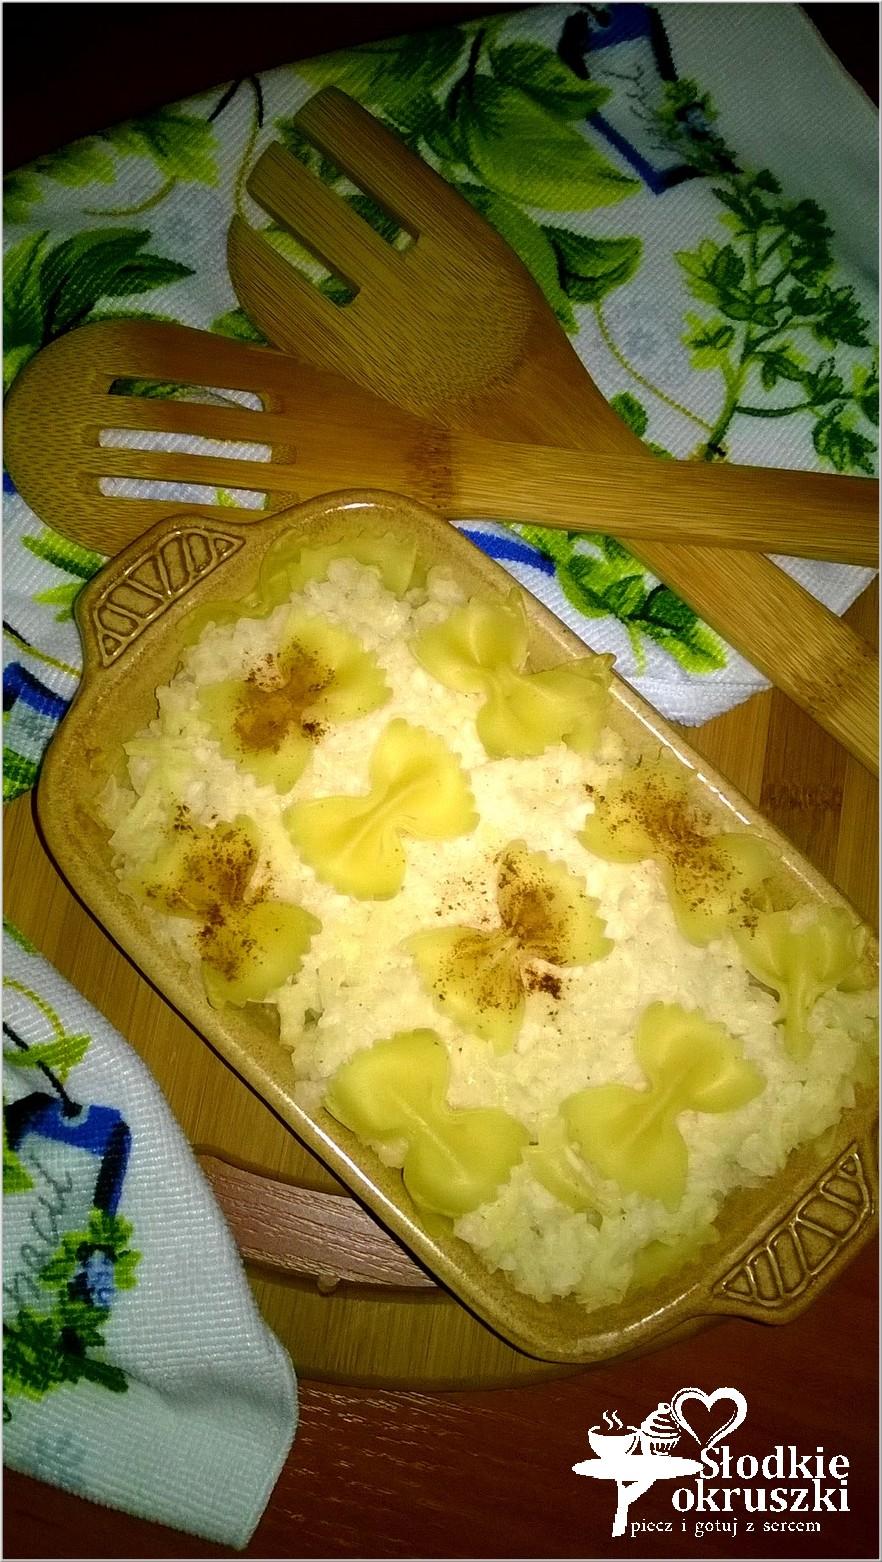 Zapiekane kokardki makaronowe z jabłkiem, ryżem i cynamonem